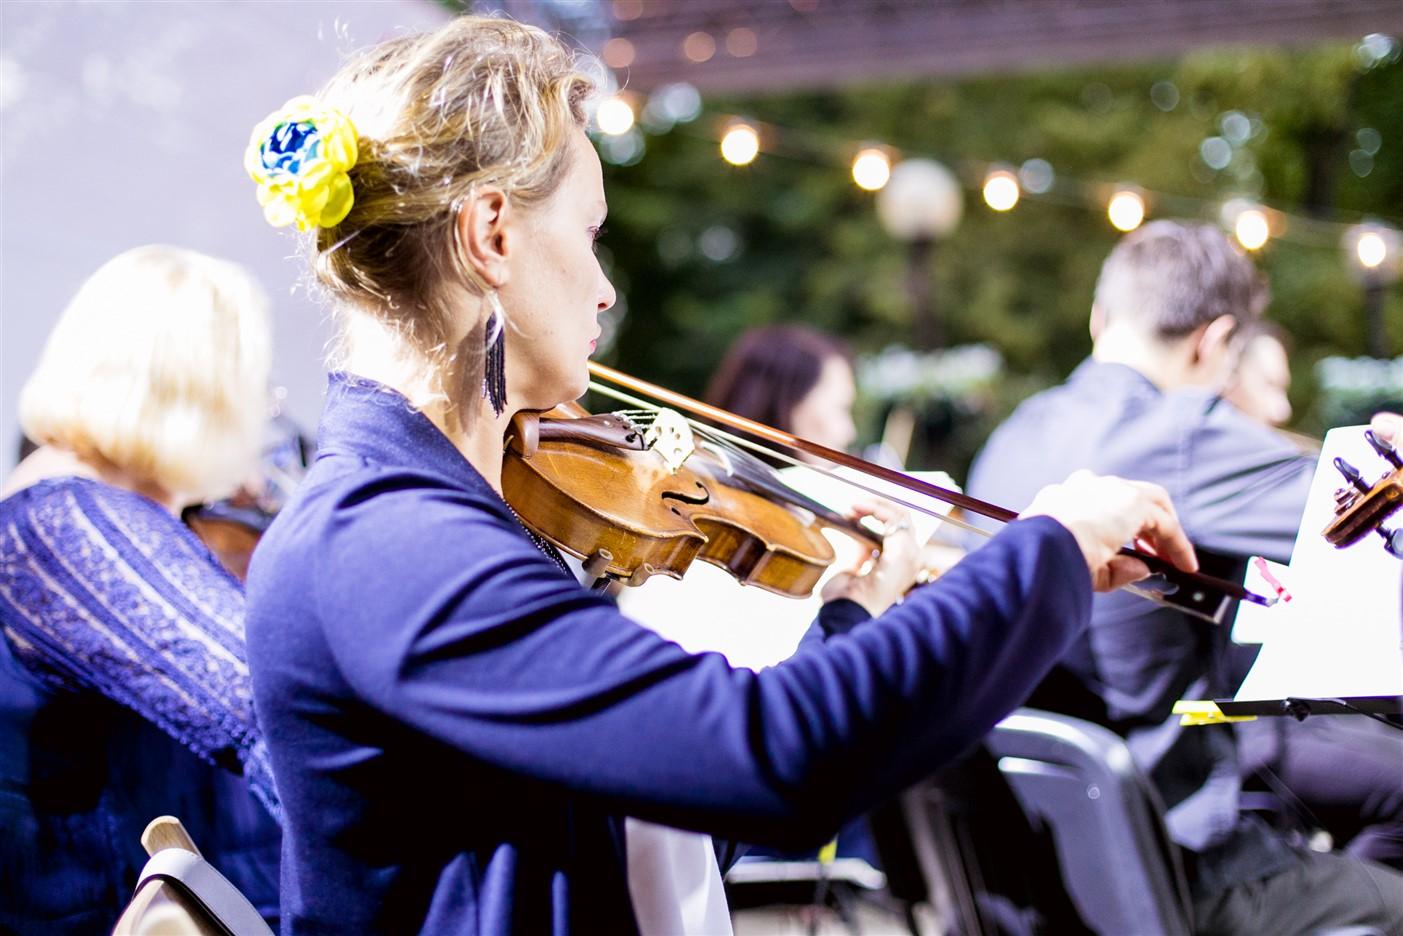 В Киеве слушали классику, несмотря на ливни